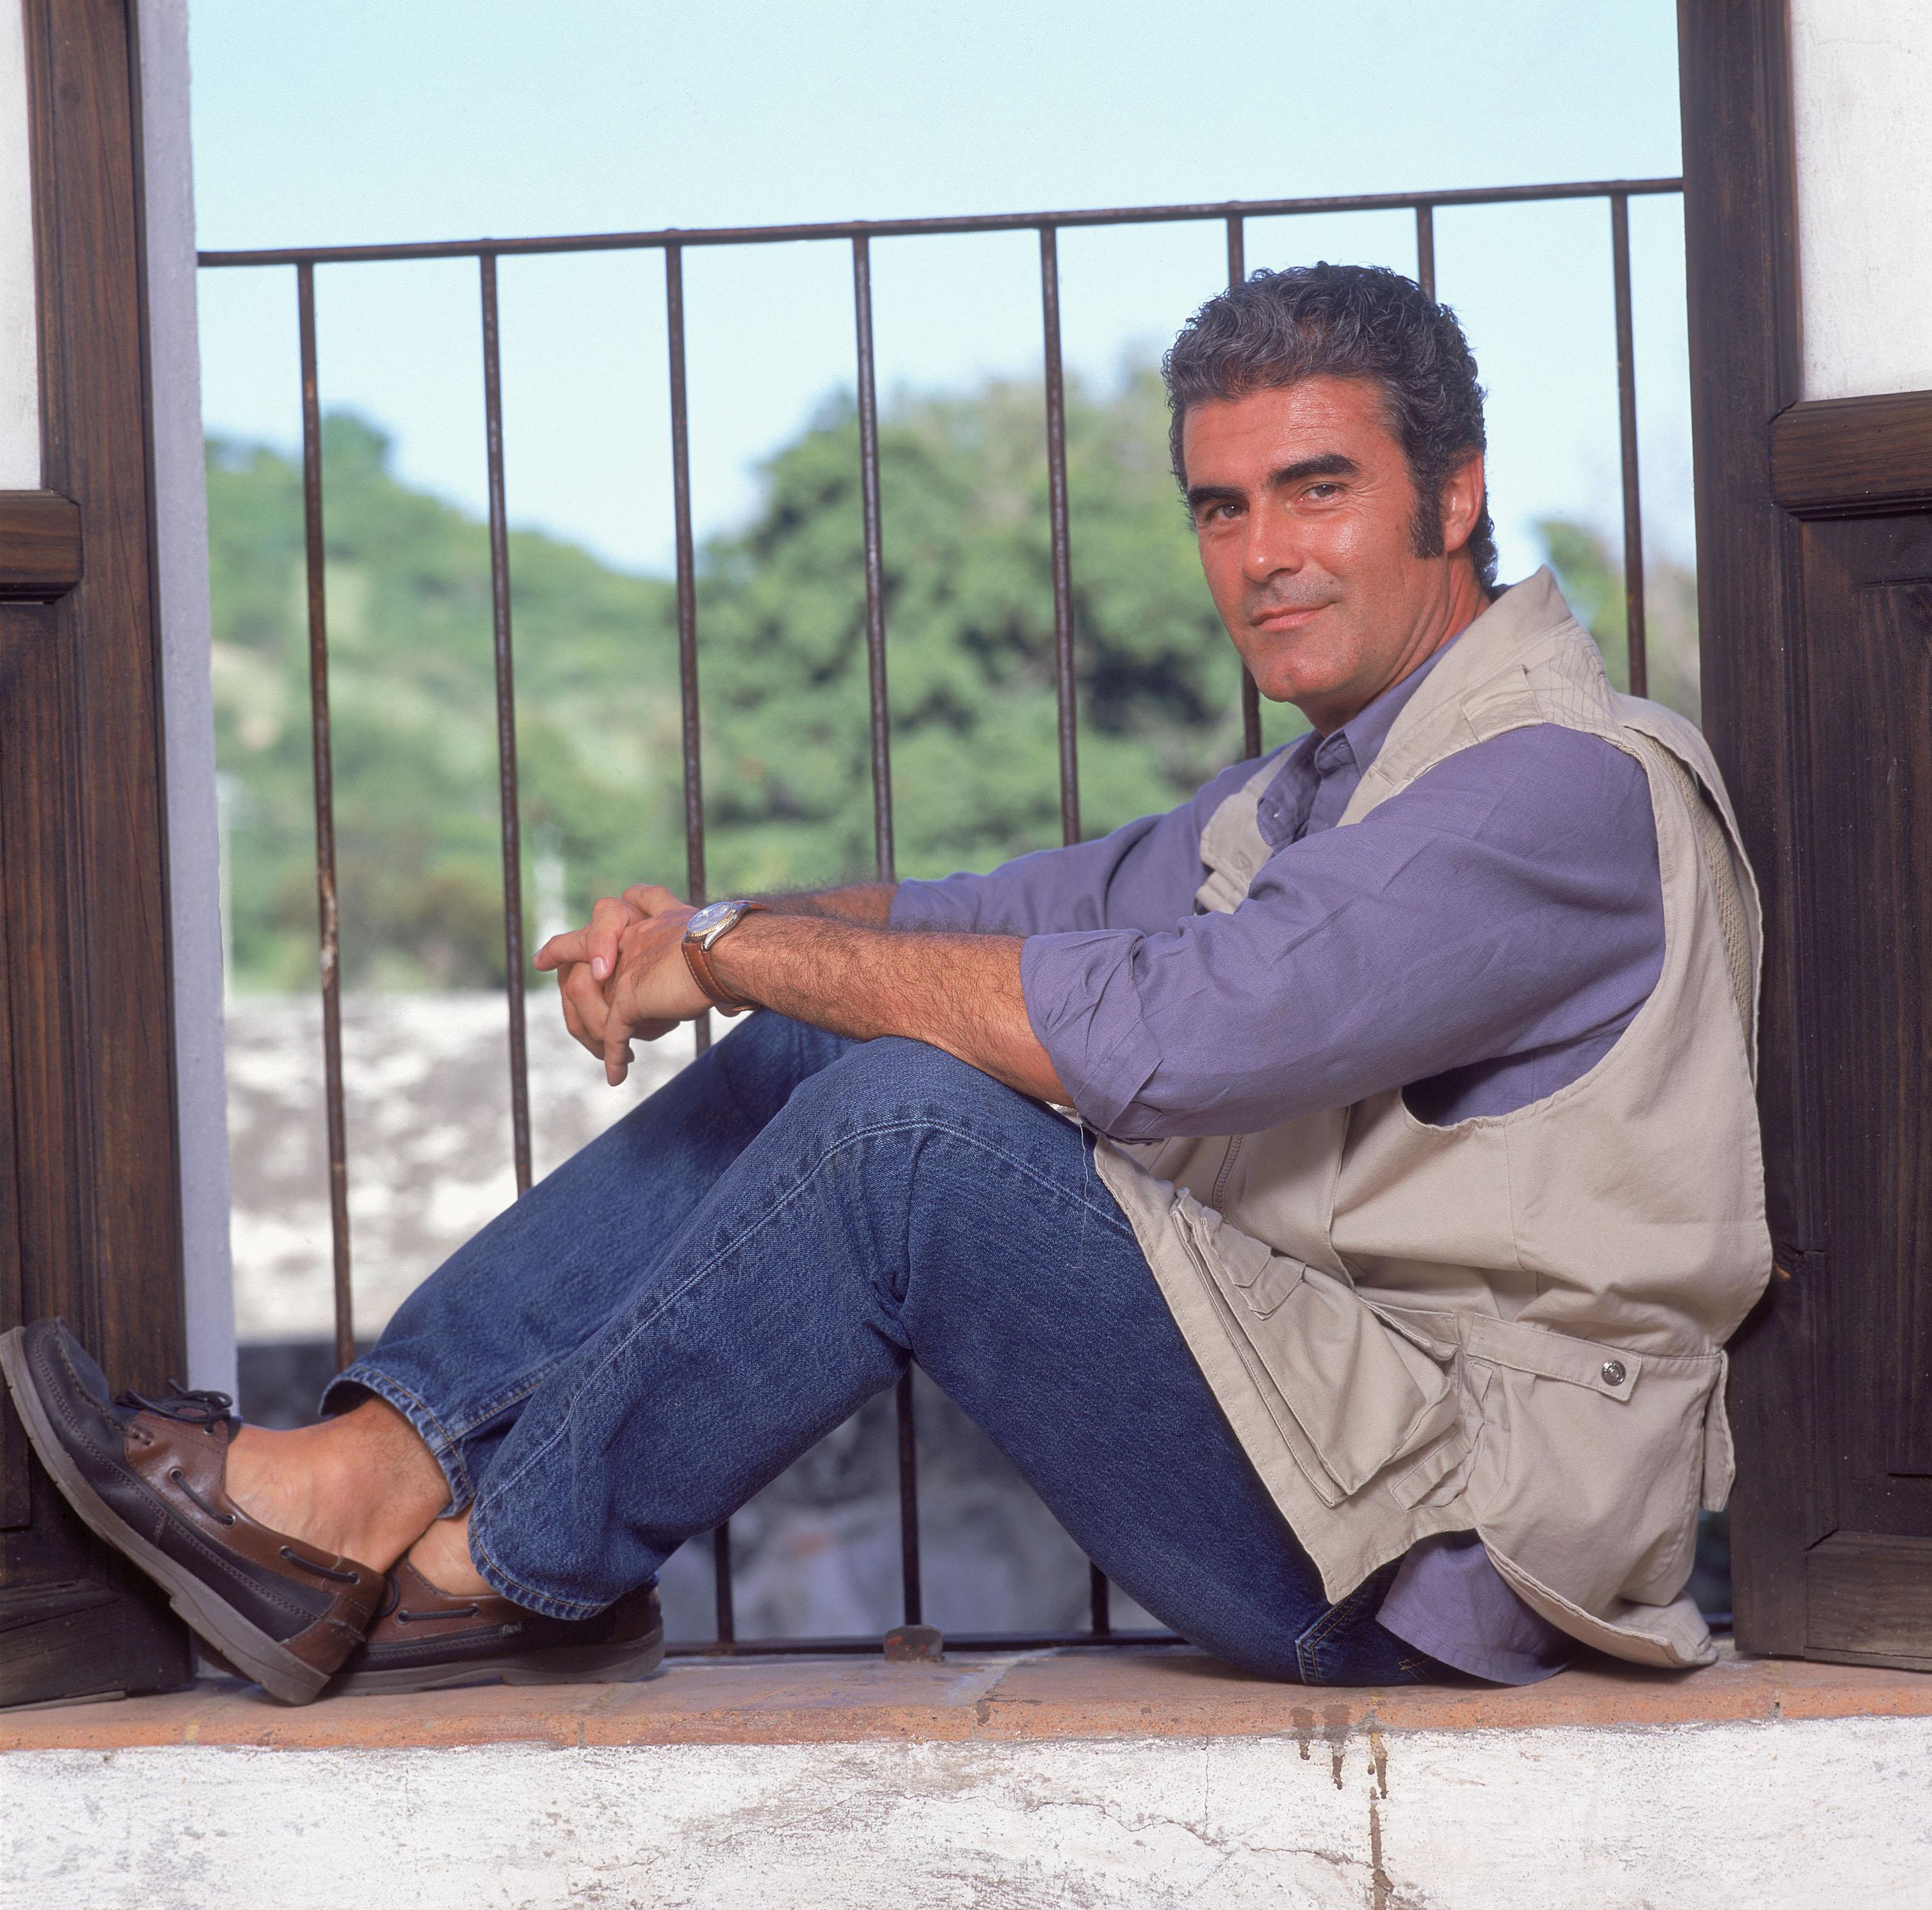 Exclusive Photos Of Actor Saul Lizaso